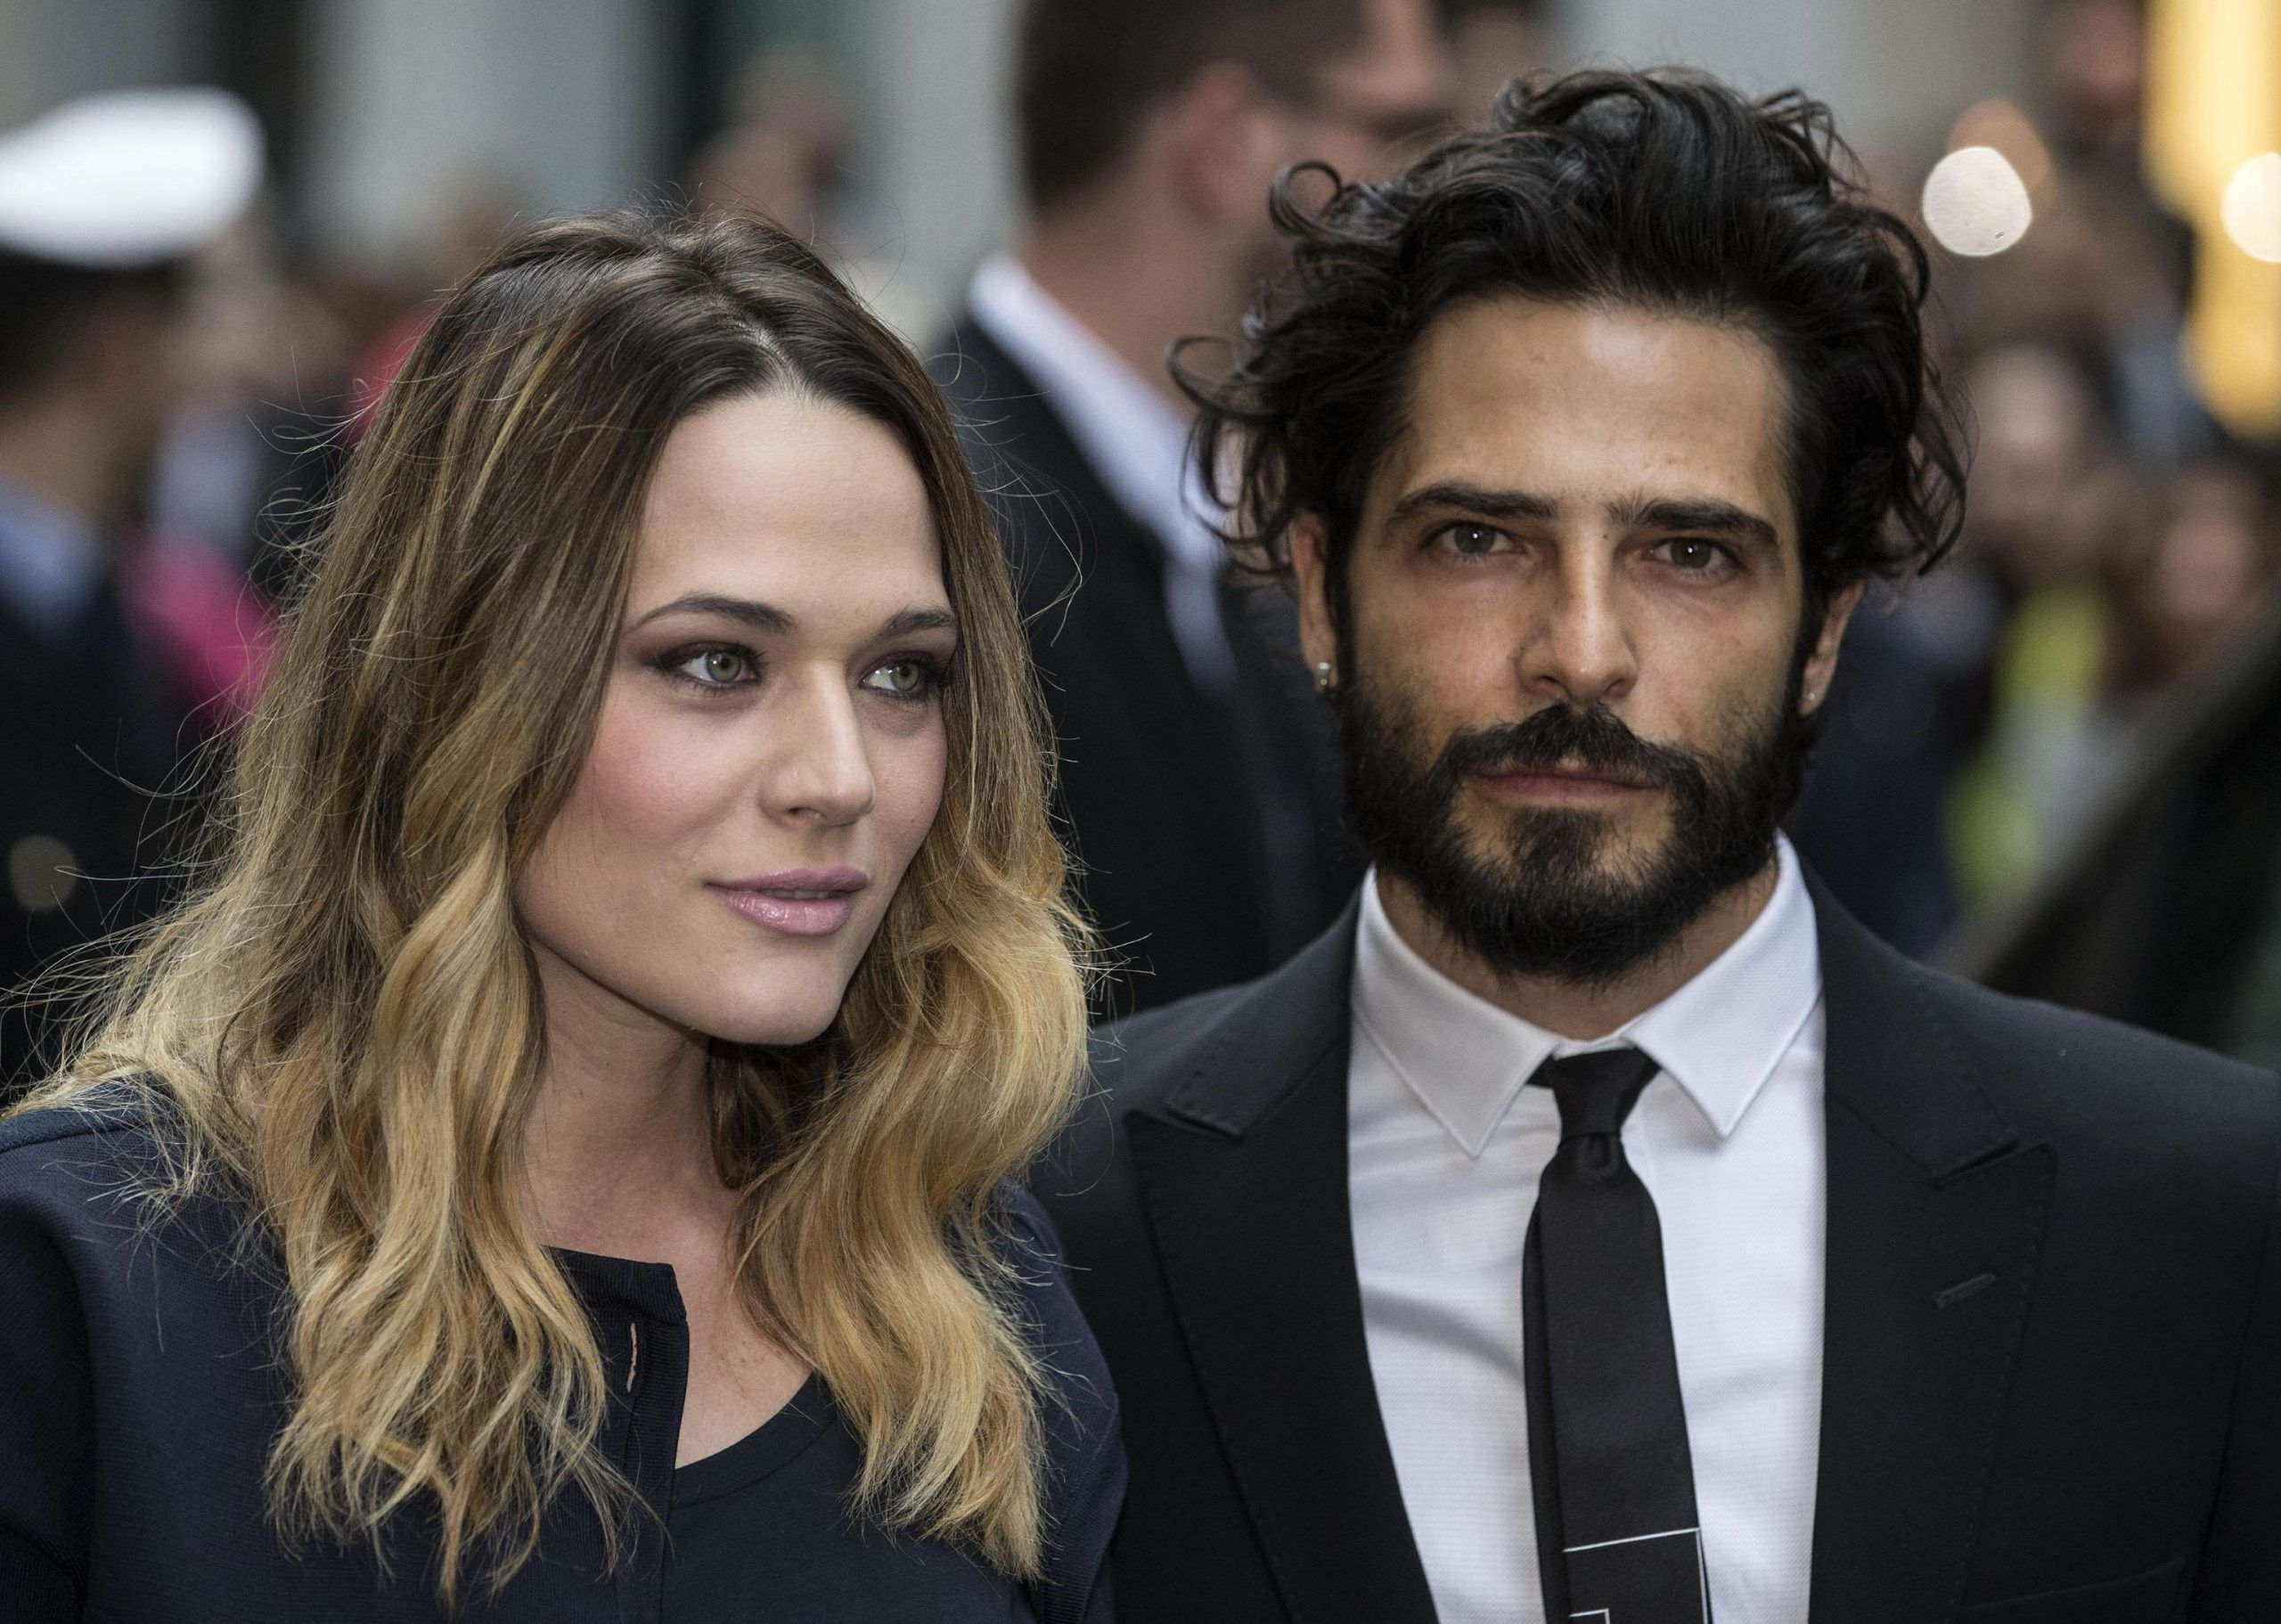 Laura Chiatti e Marco Bocci: furto in casa della coppia, spariti oro e pellicce